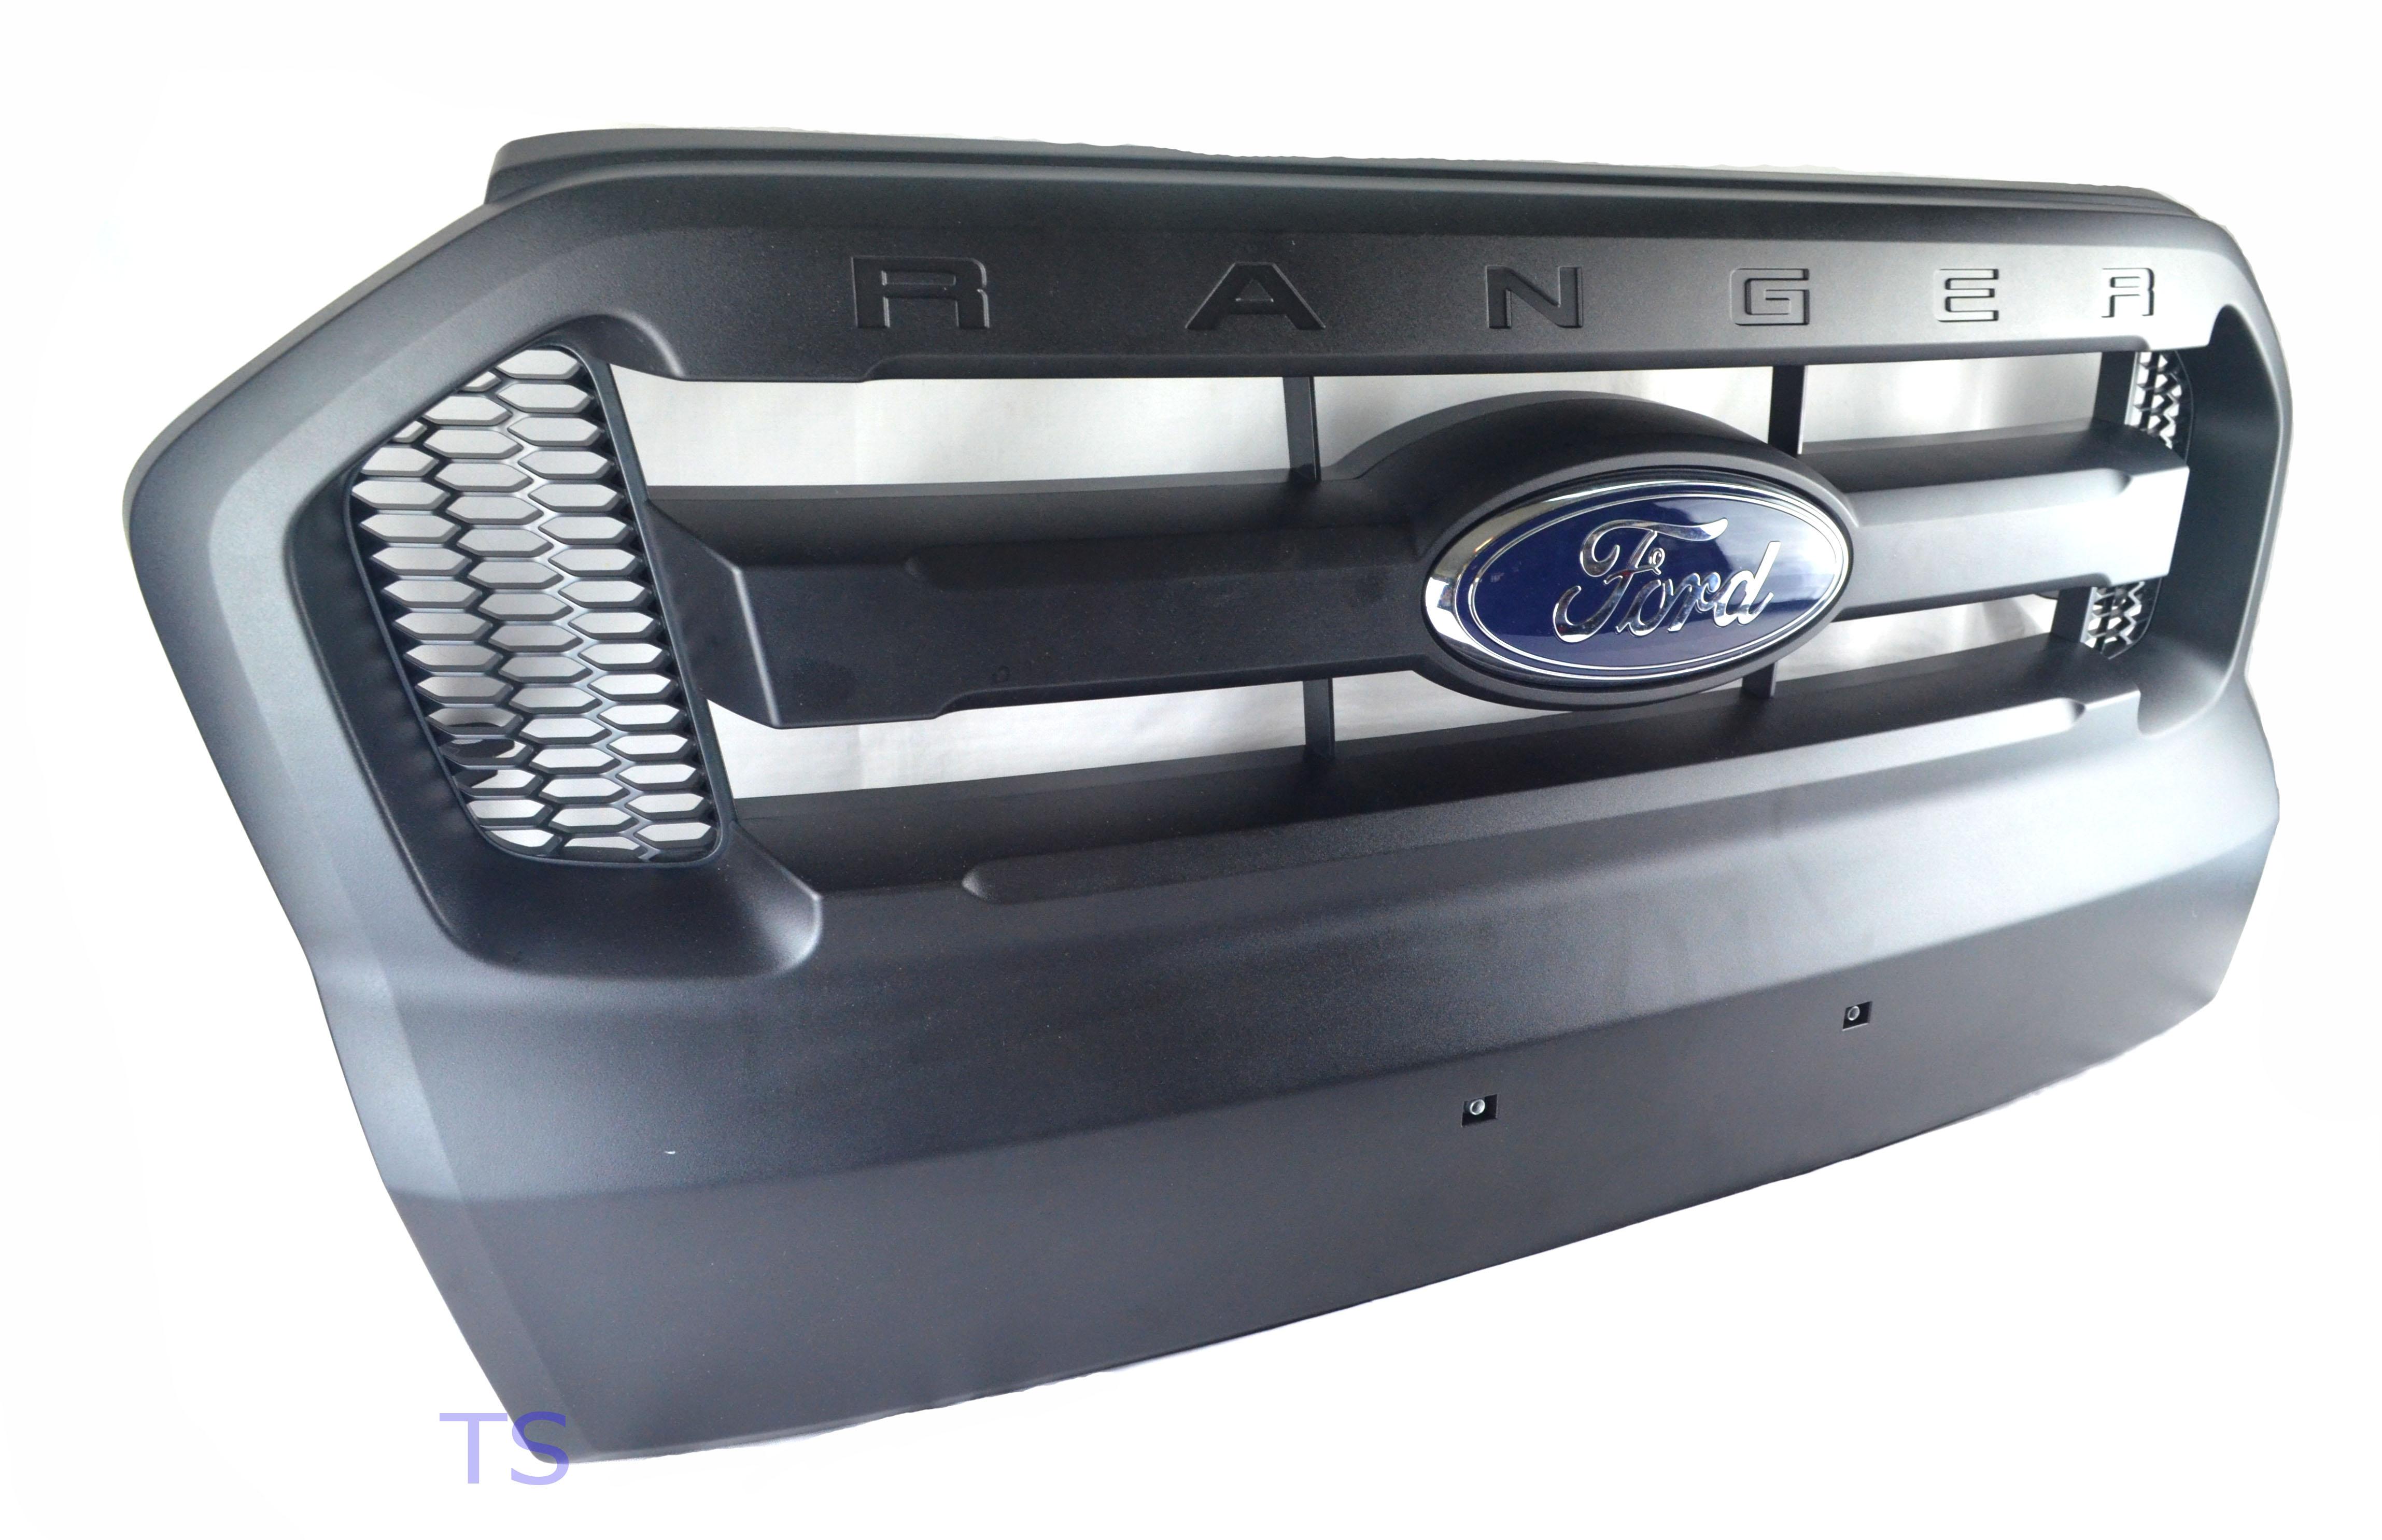 full black grill grille for ford ranger t6 mk2 xlt 4x4. Black Bedroom Furniture Sets. Home Design Ideas